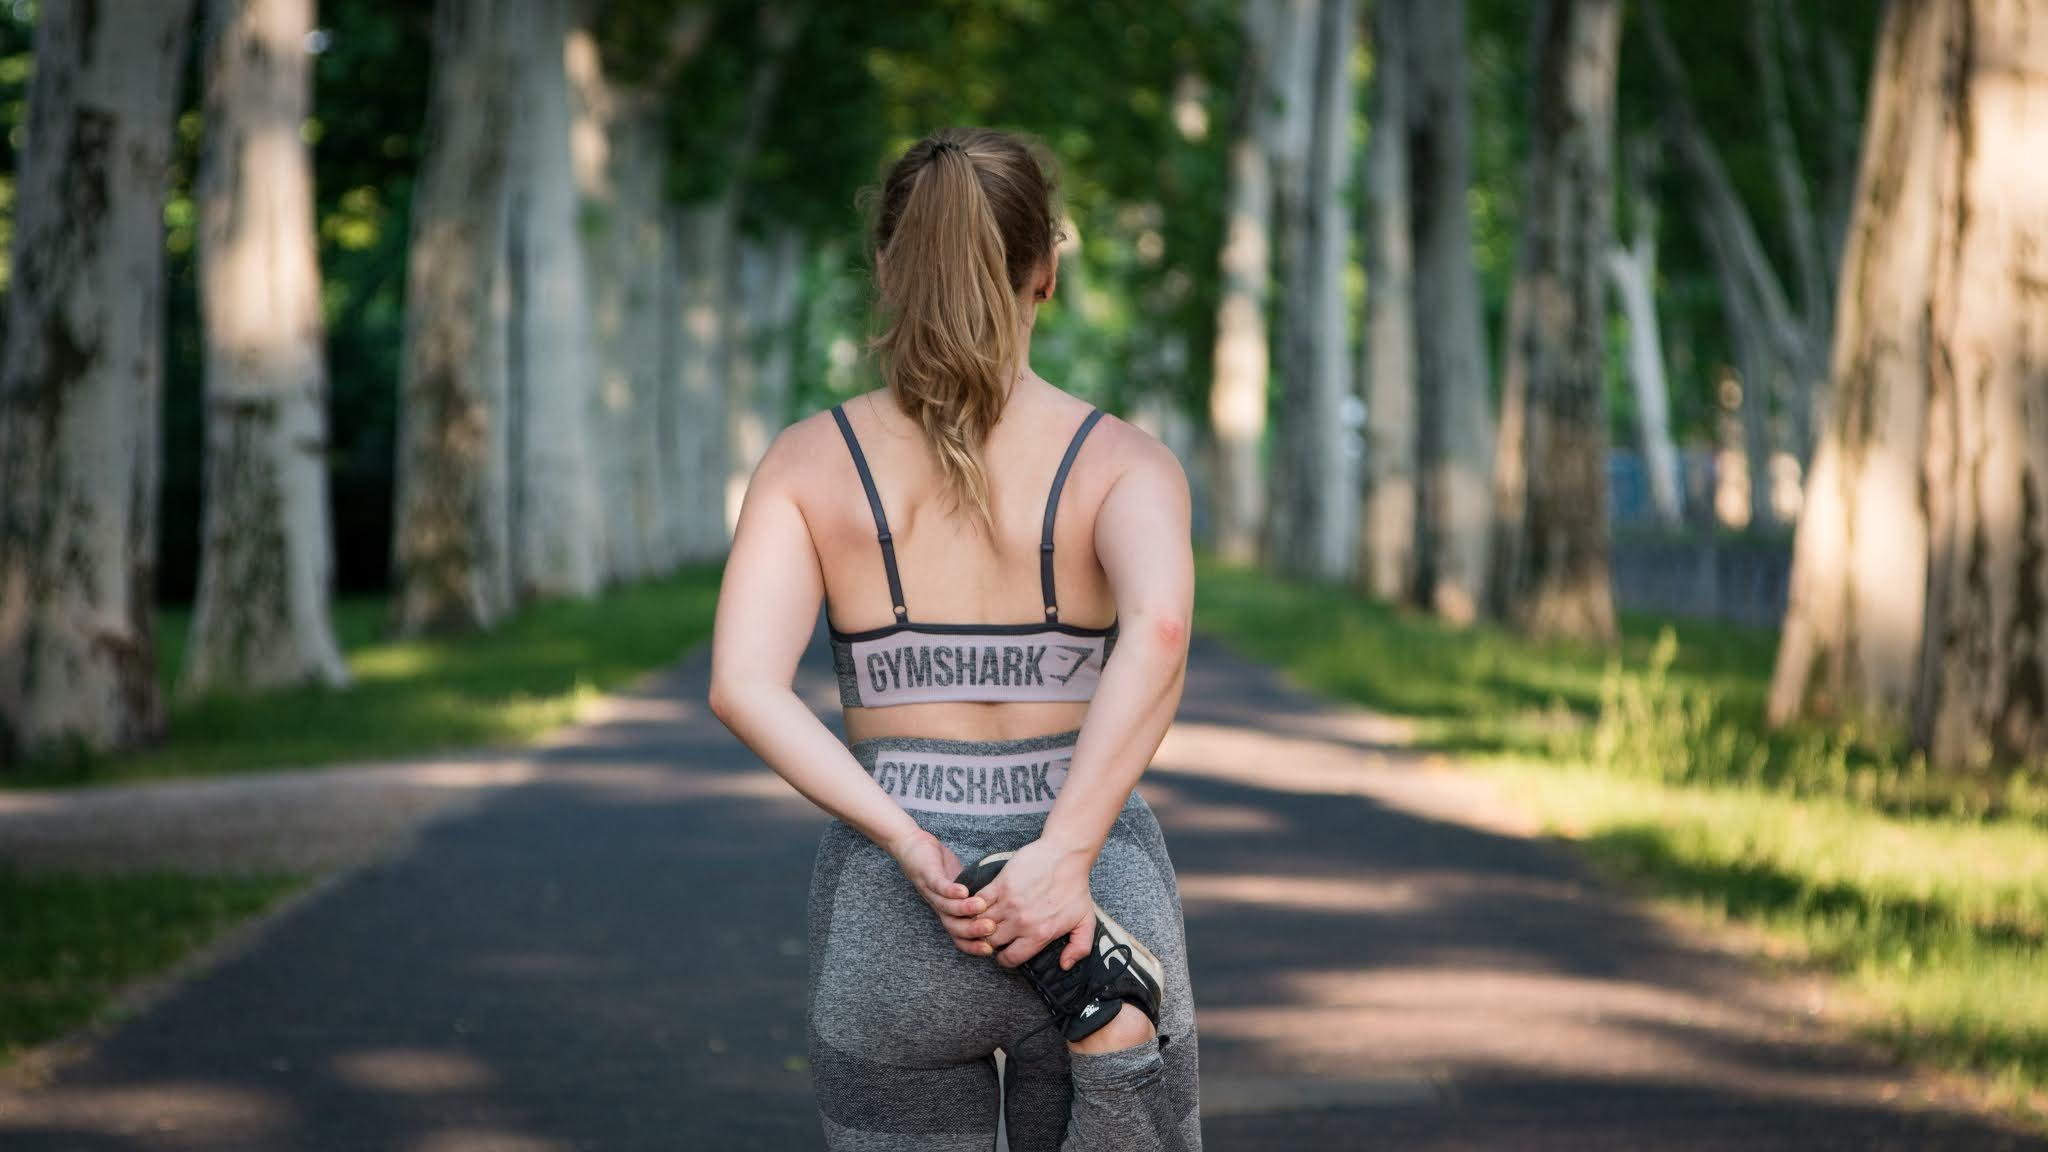 右足を尻に上げて準備運動をする女性の後ろ姿